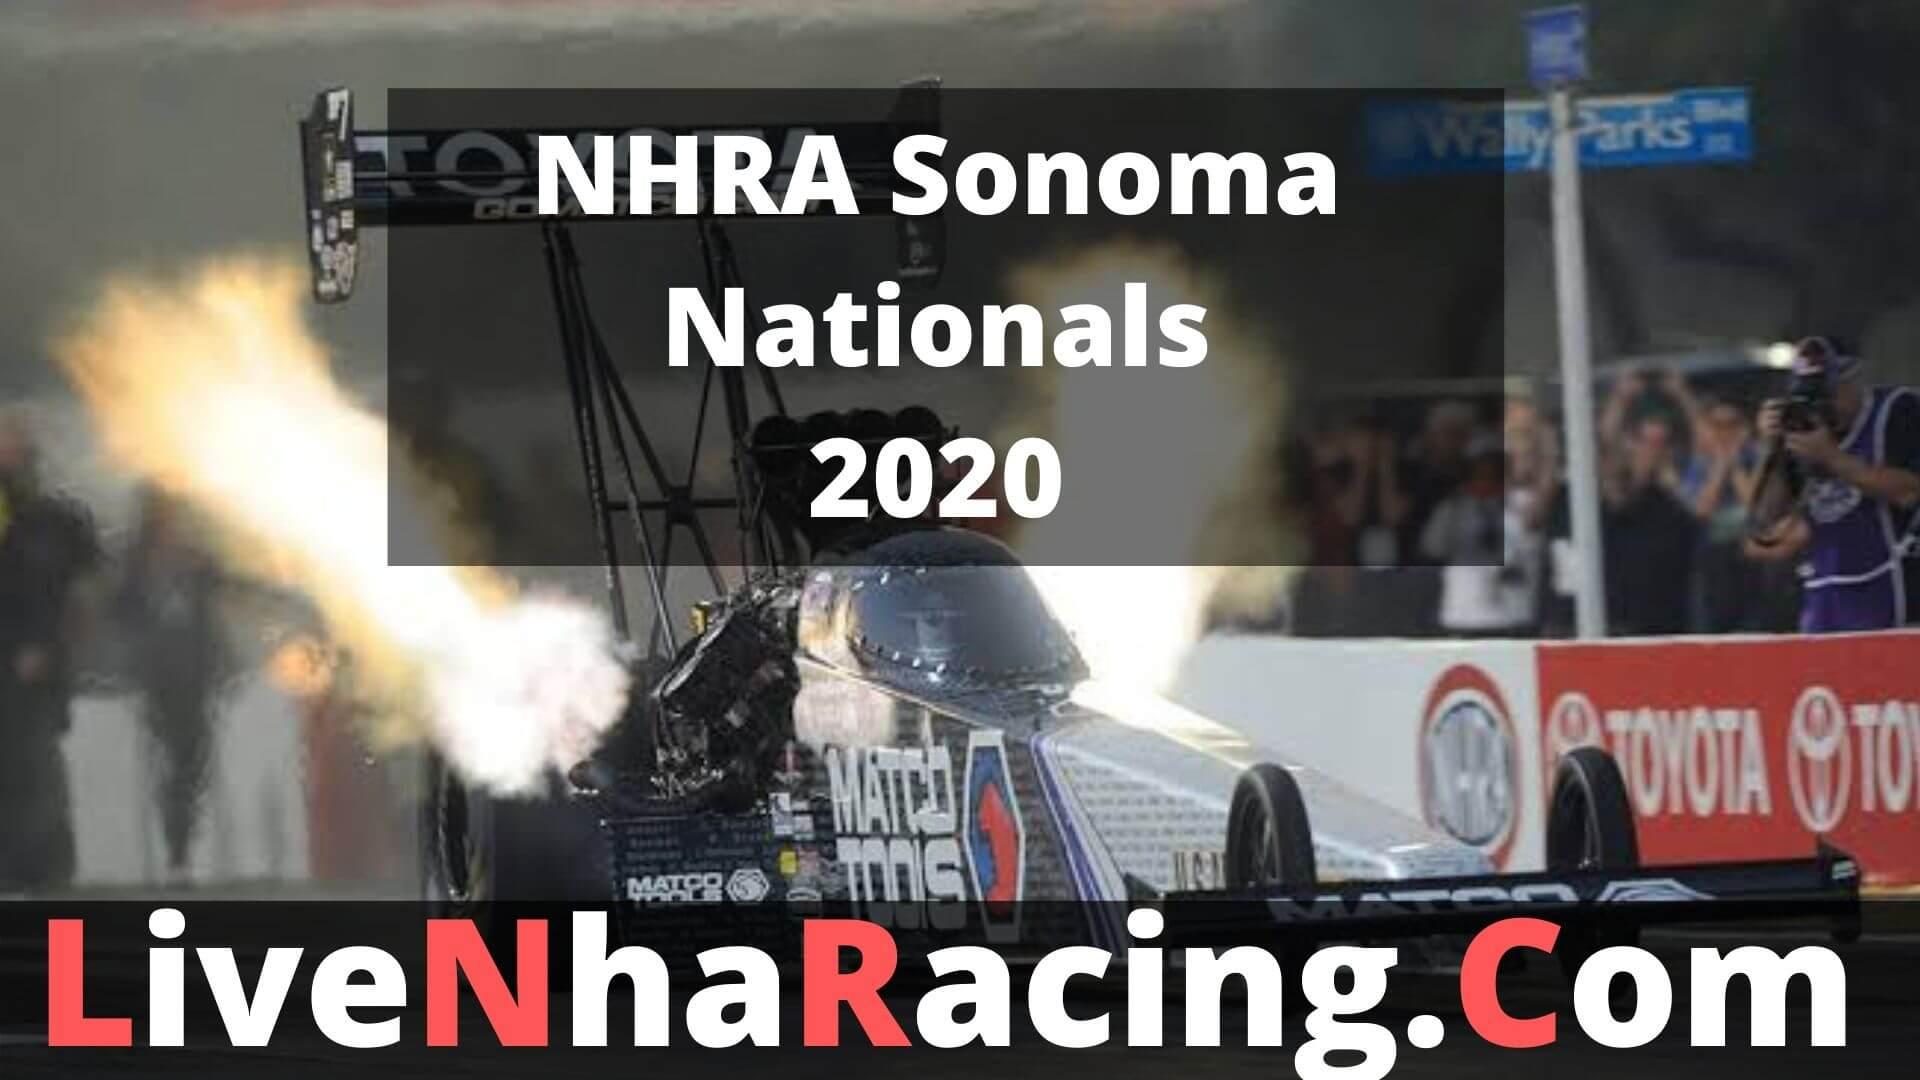 NHRA Sonoma Nationals - Final Live Stream